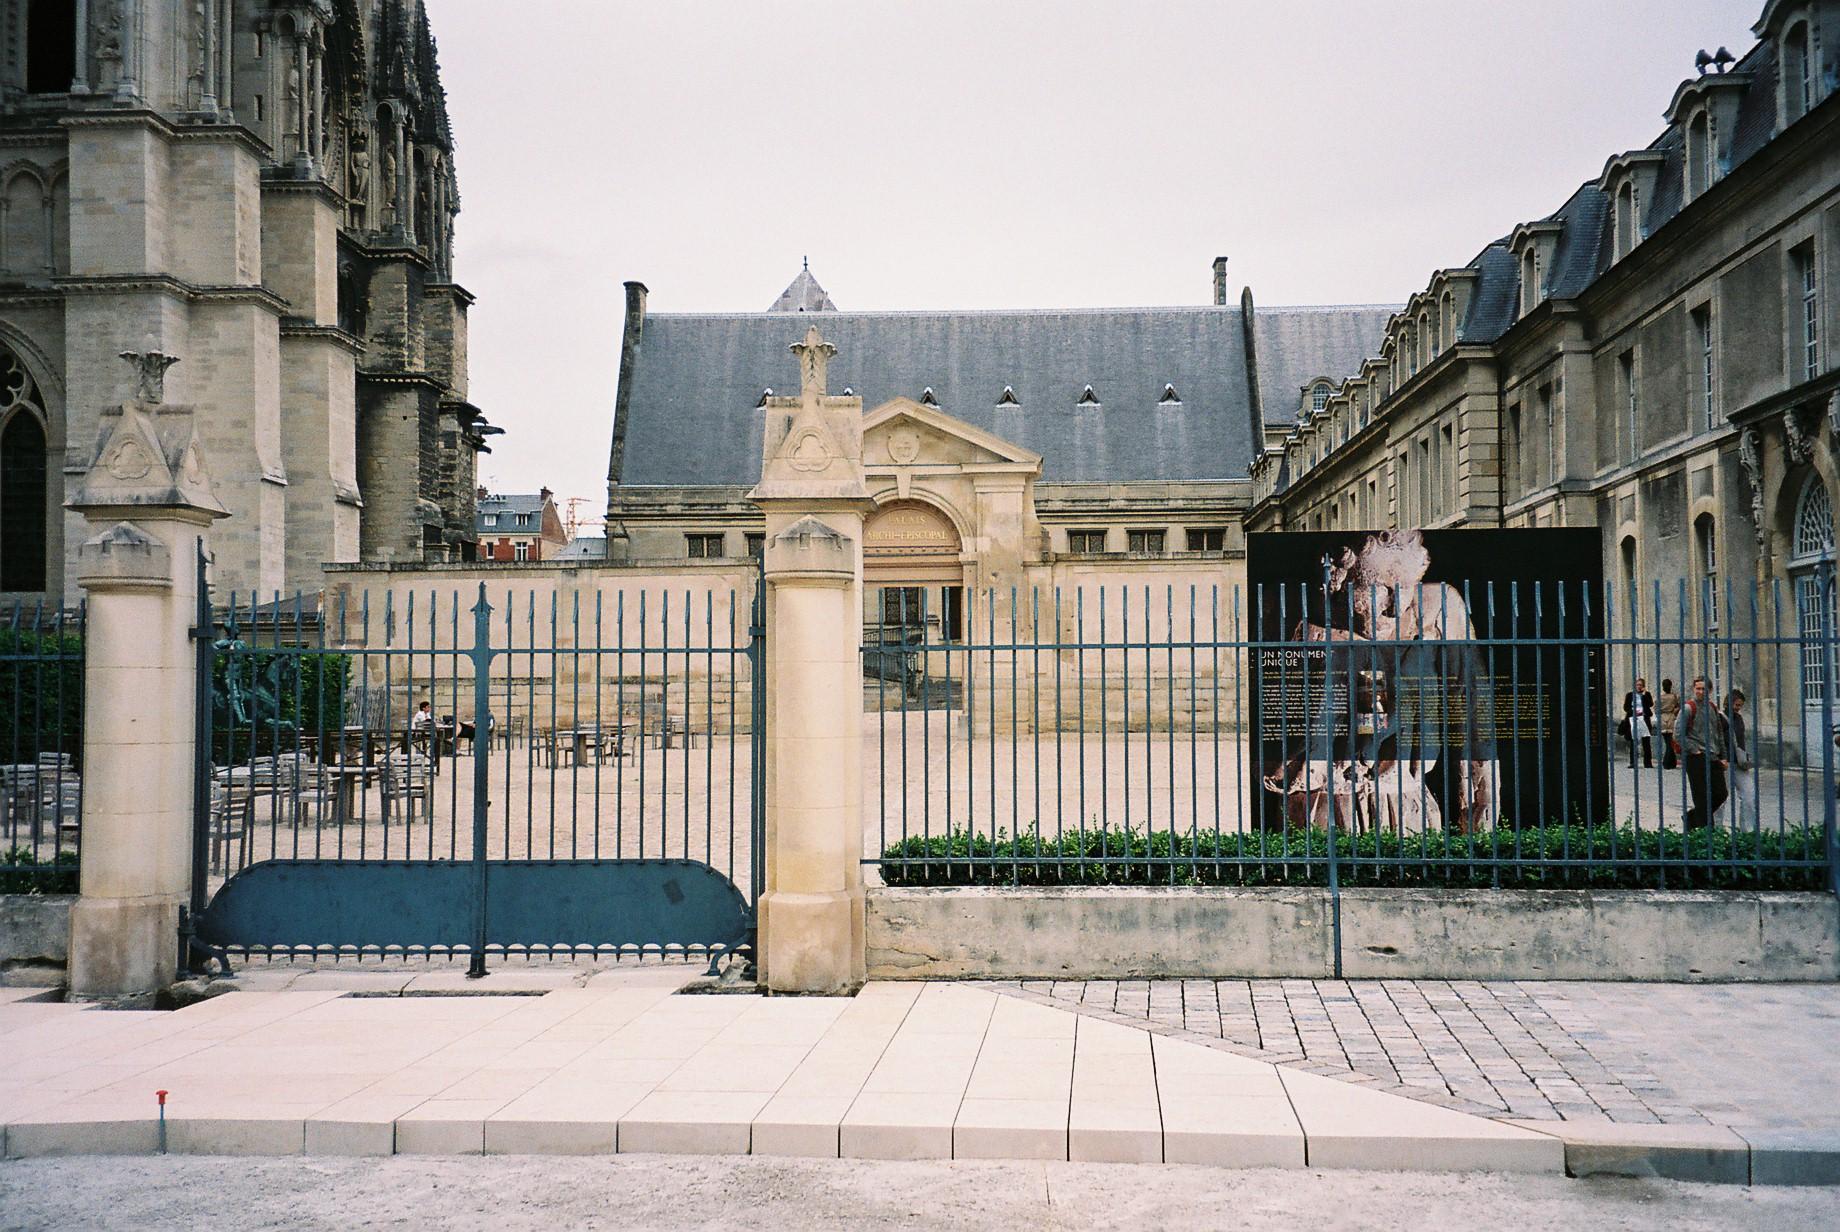 reims-palais-de-tau-main-entrance-0507